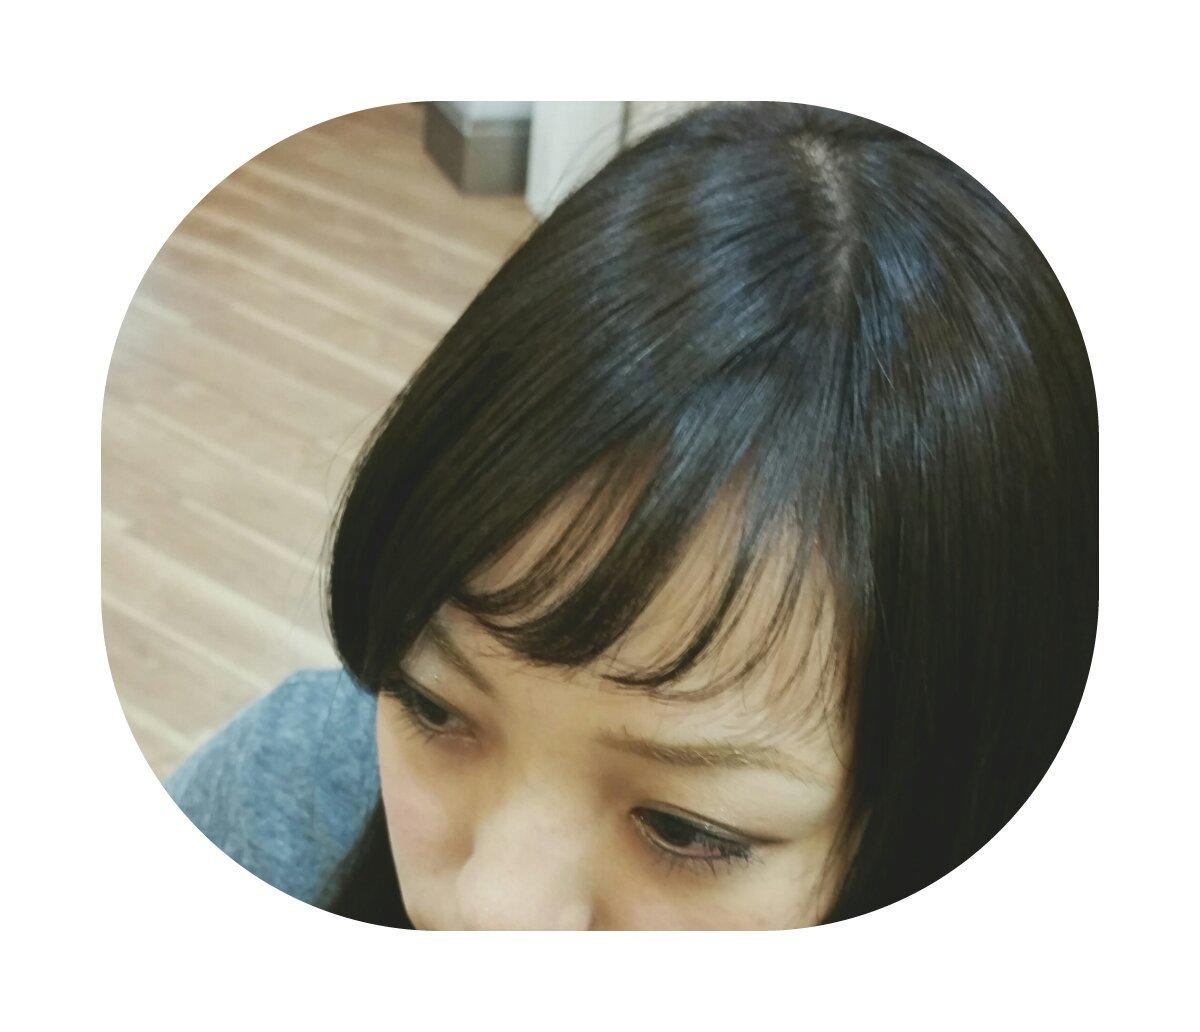 b0239676_14033511.jpg